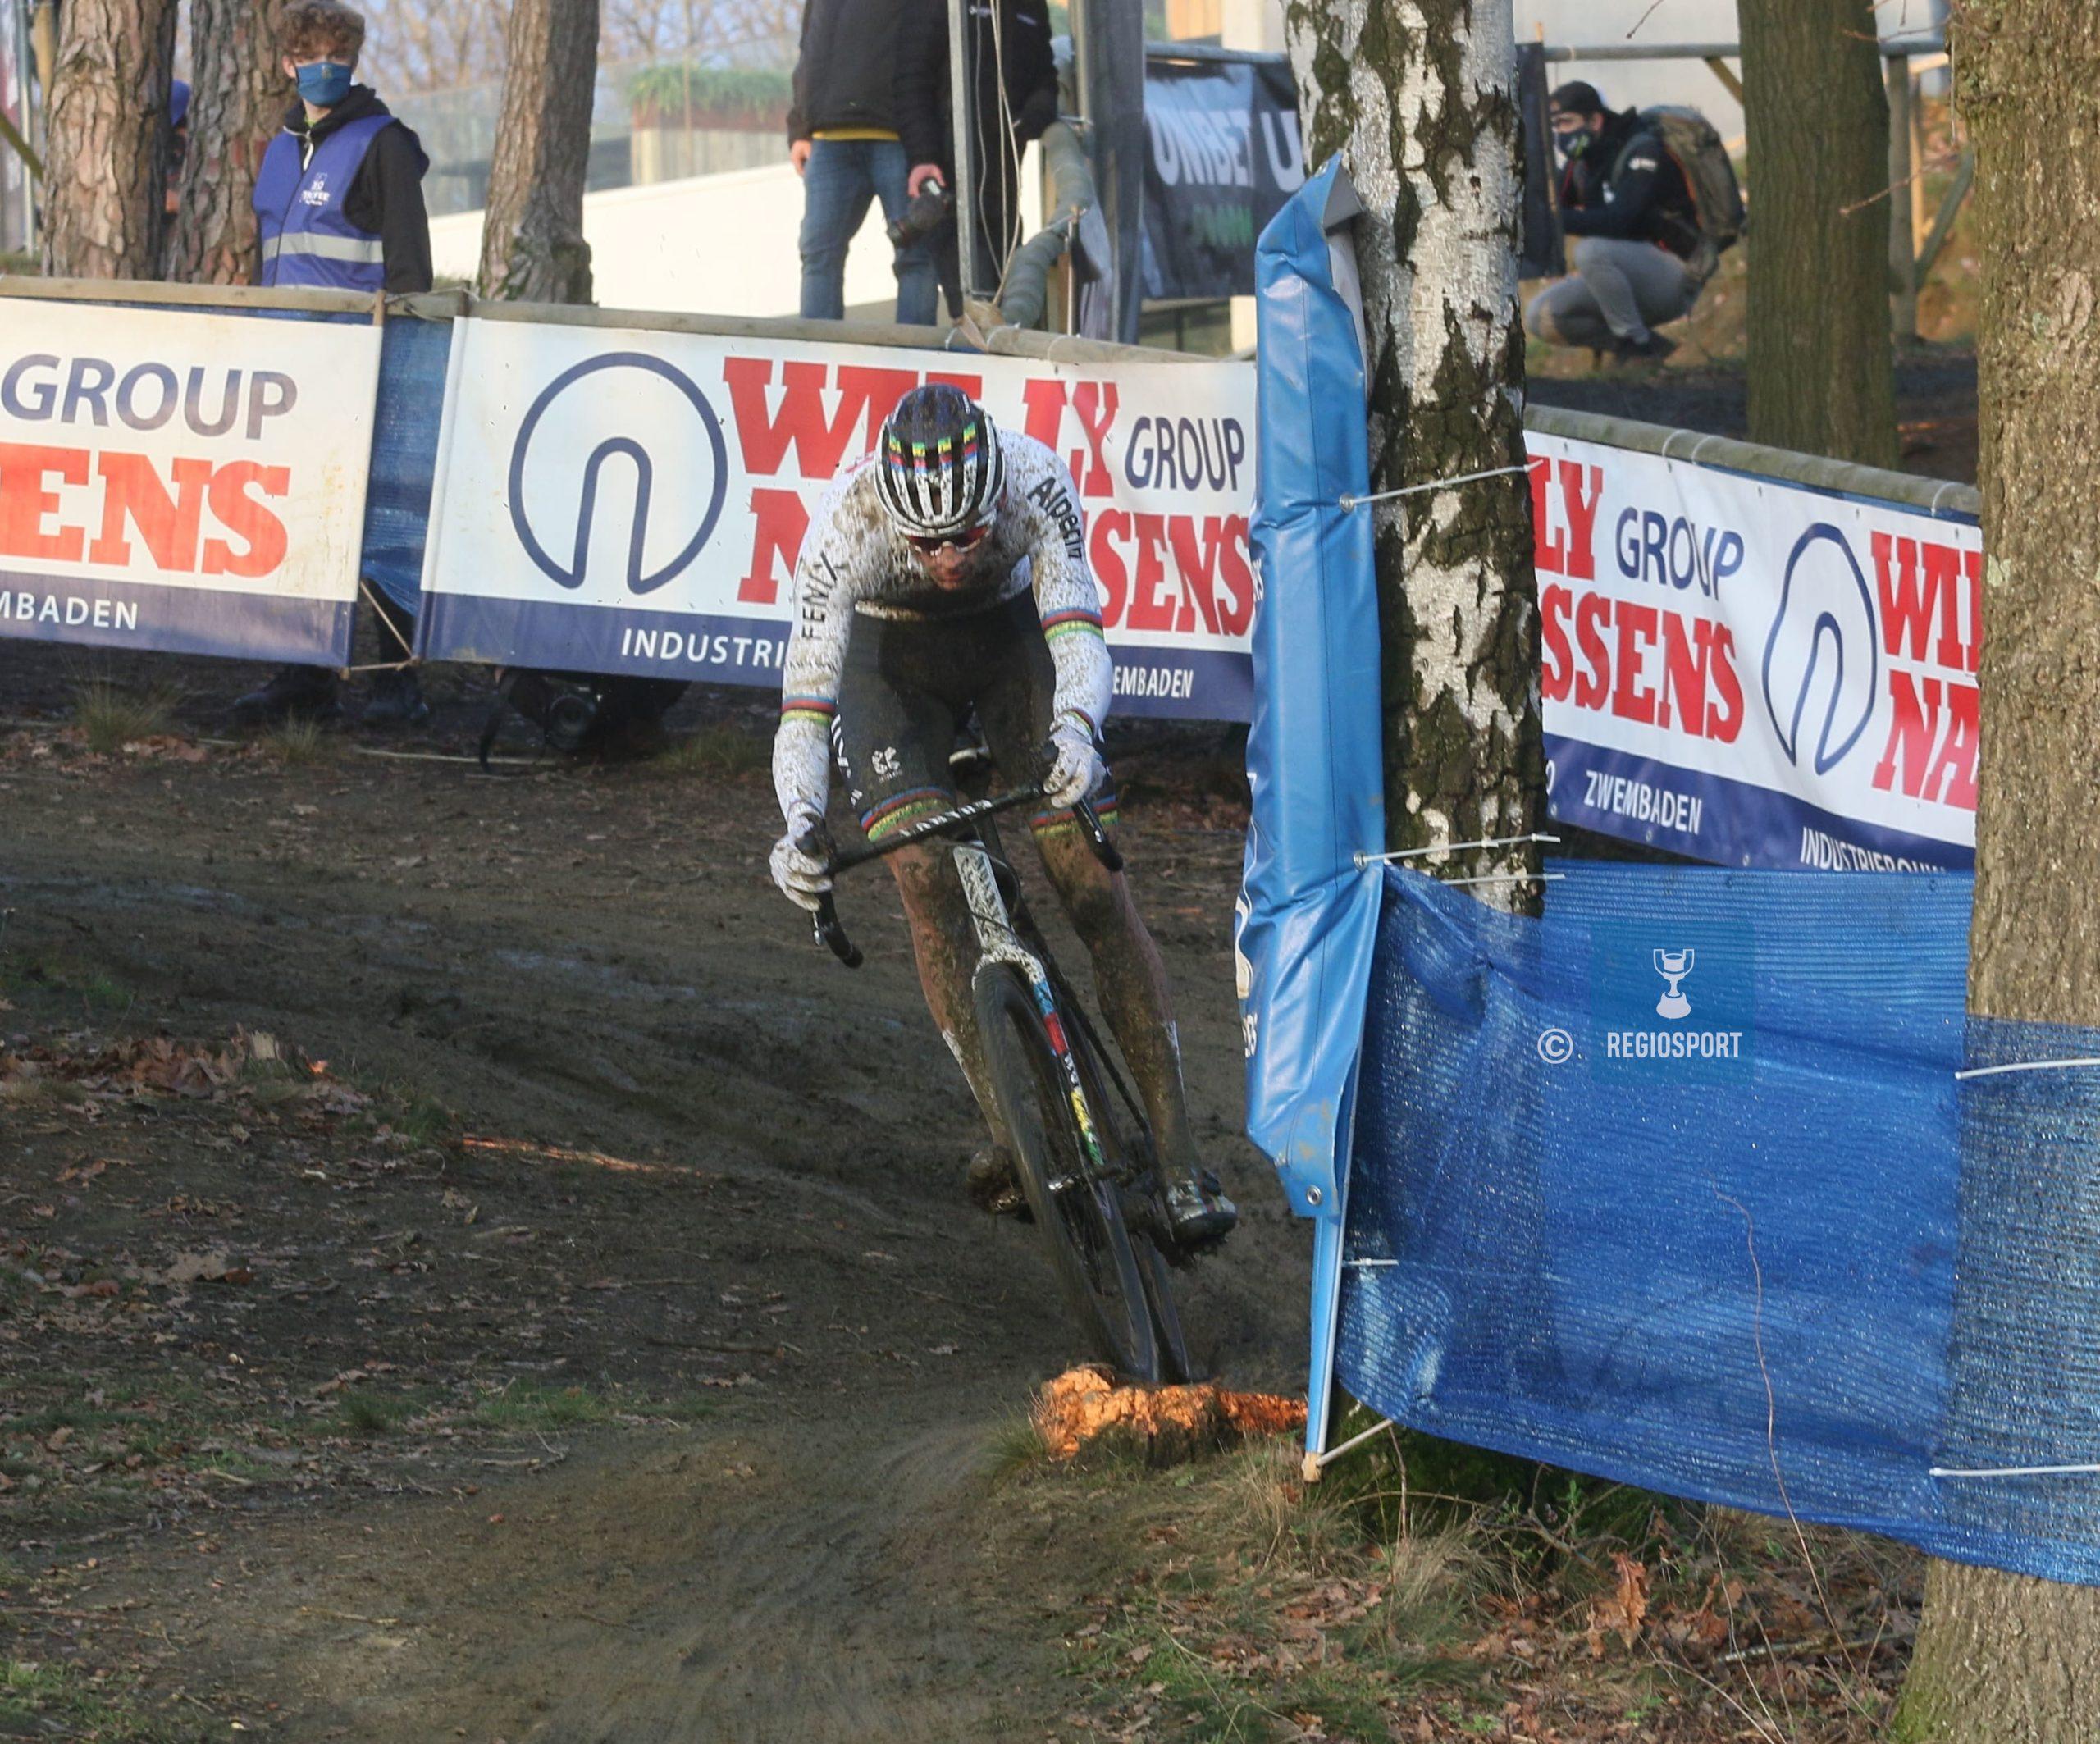 Derde editie Brussels Universities Cyclocross op Valentijnsdag. Wie wordt de opvolger van Mathieu van der Poel?